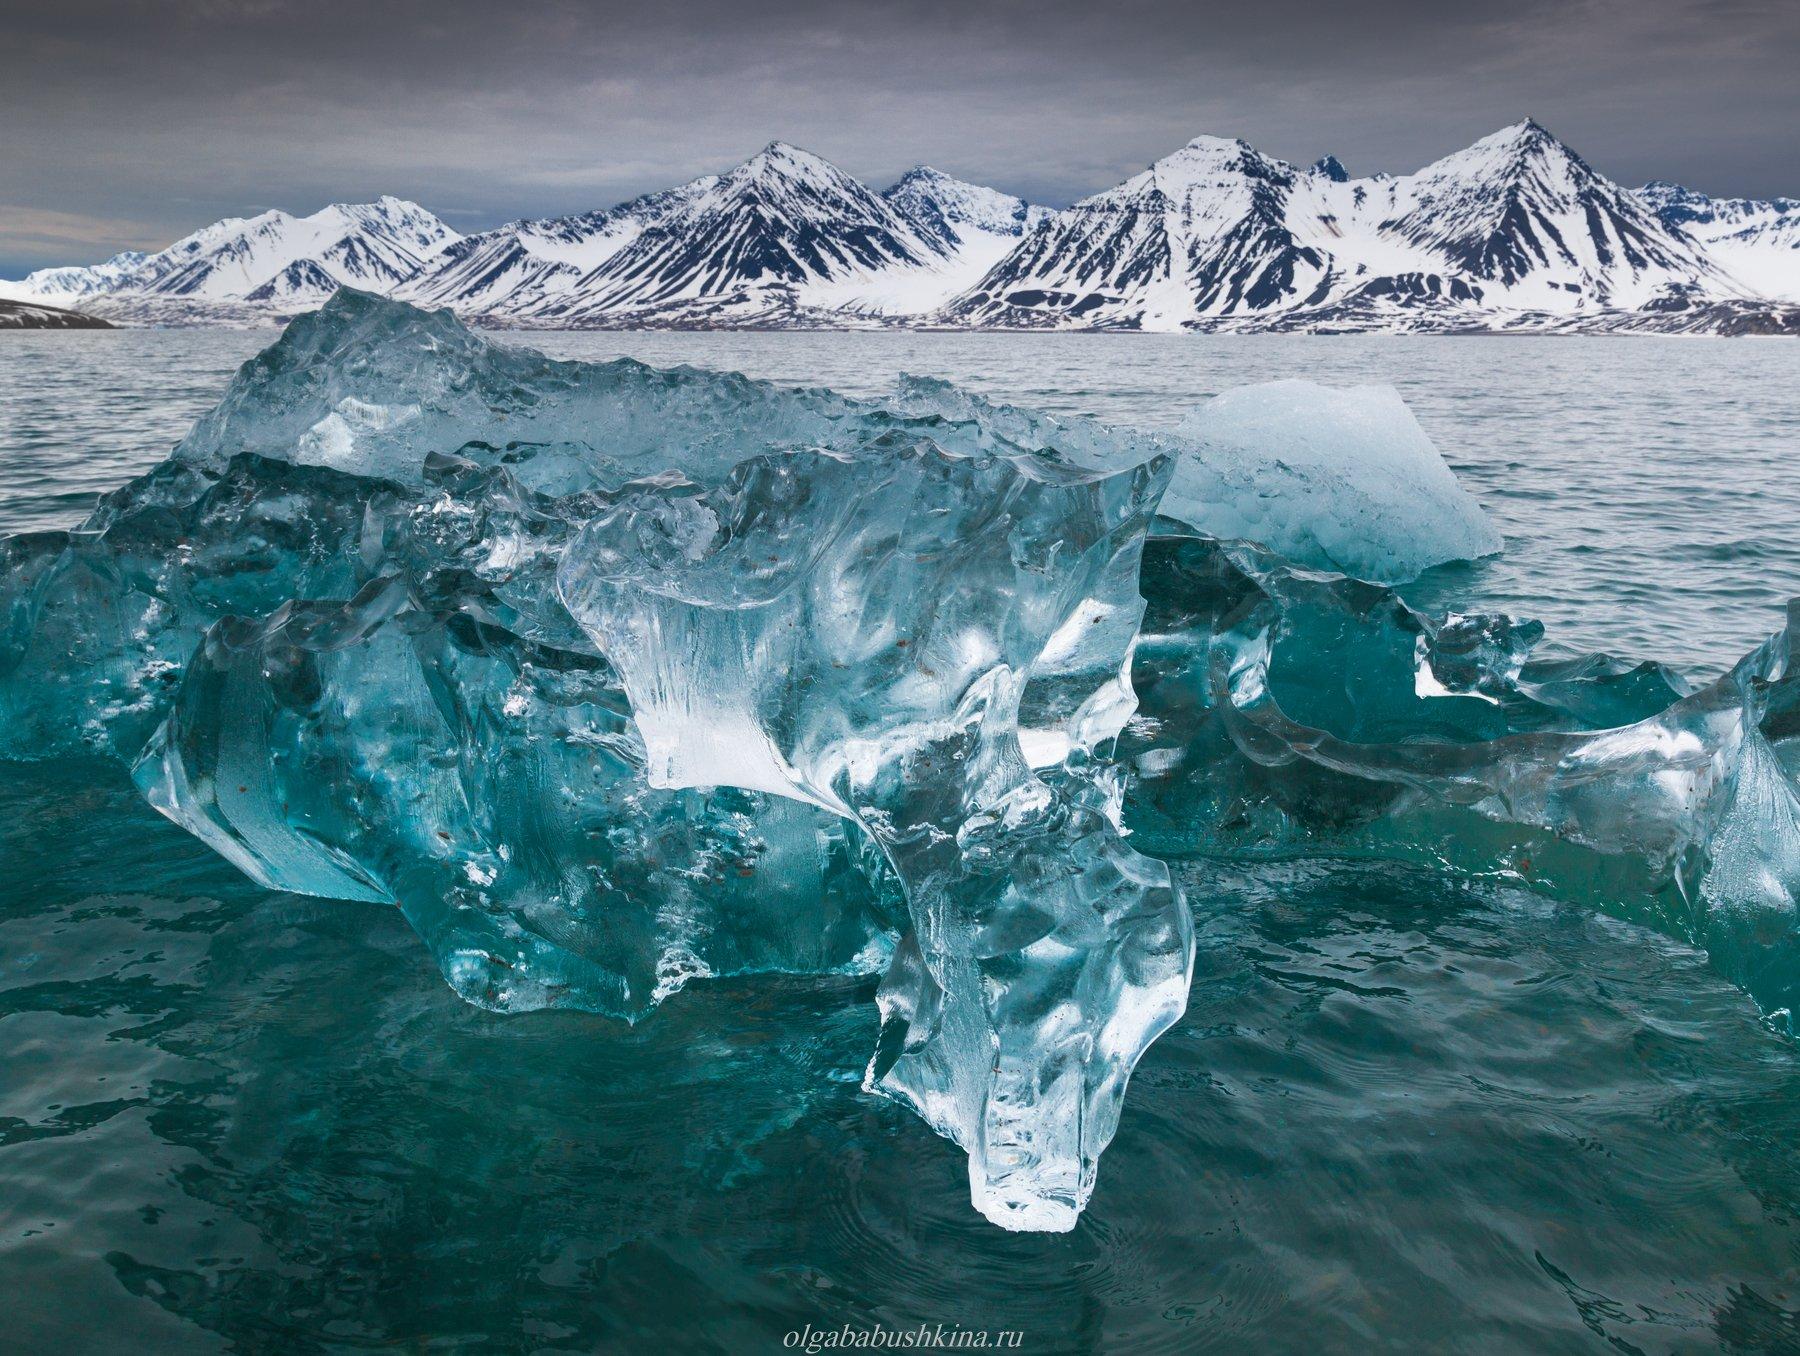 шпицберген, свальбард, арктика, arctic, svalbard, ice, iceberg, Бабушкина Ольга